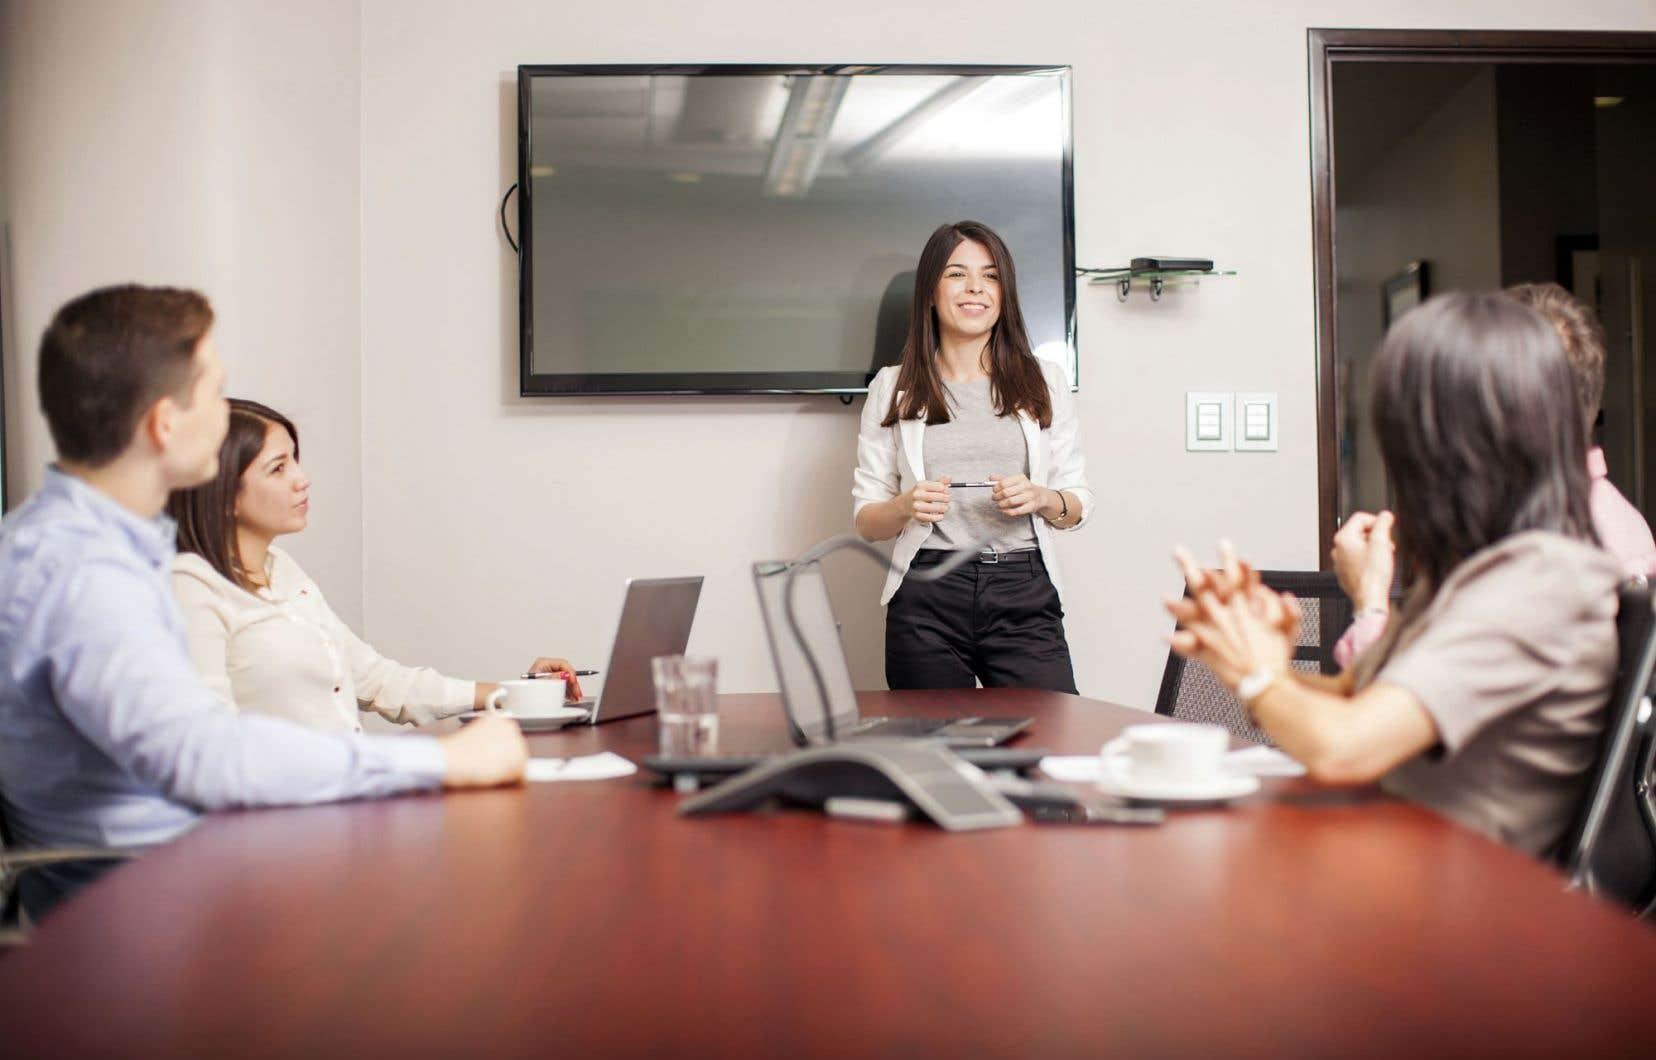 Une étude du Crédit Suisse sur plus de 3000 entreprises a évalué que les sociétés dont la capitalisation boursière dépassait les 10milliards $US et qui comptaient au moins une femme dans le conseil d'administration avaient enregistré une surperformance de 3,3% entre2005 et2014.